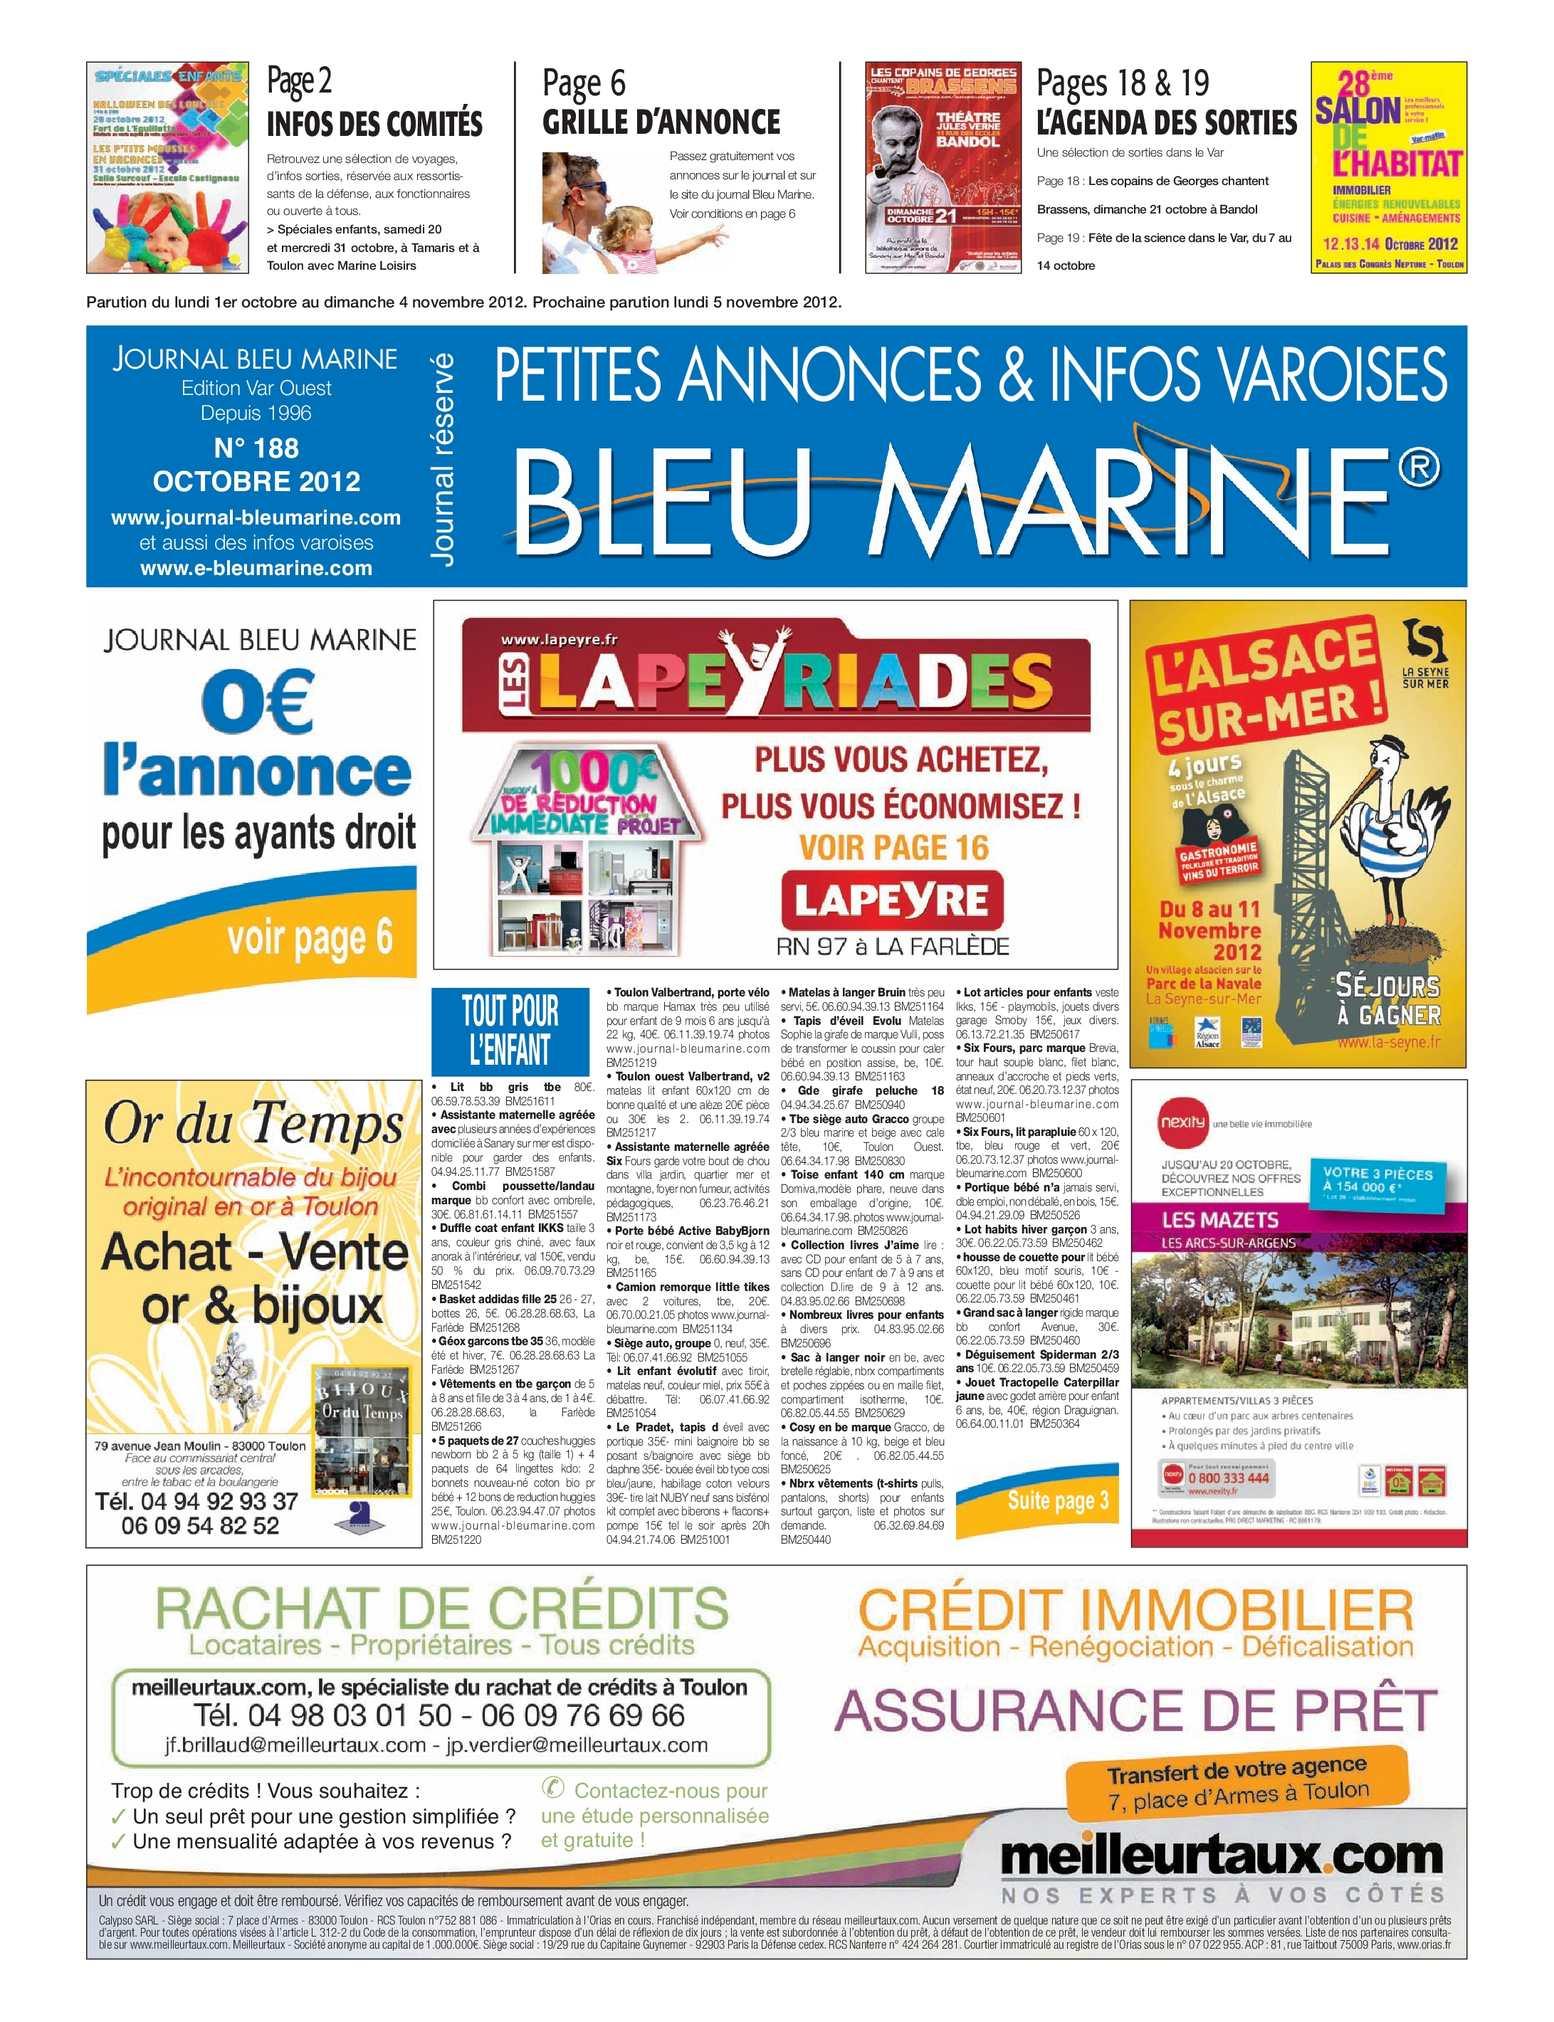 Calaméo - Journal Bleu Marine N°188 Octobre 2012 dedans Bordure P1 Bricoman